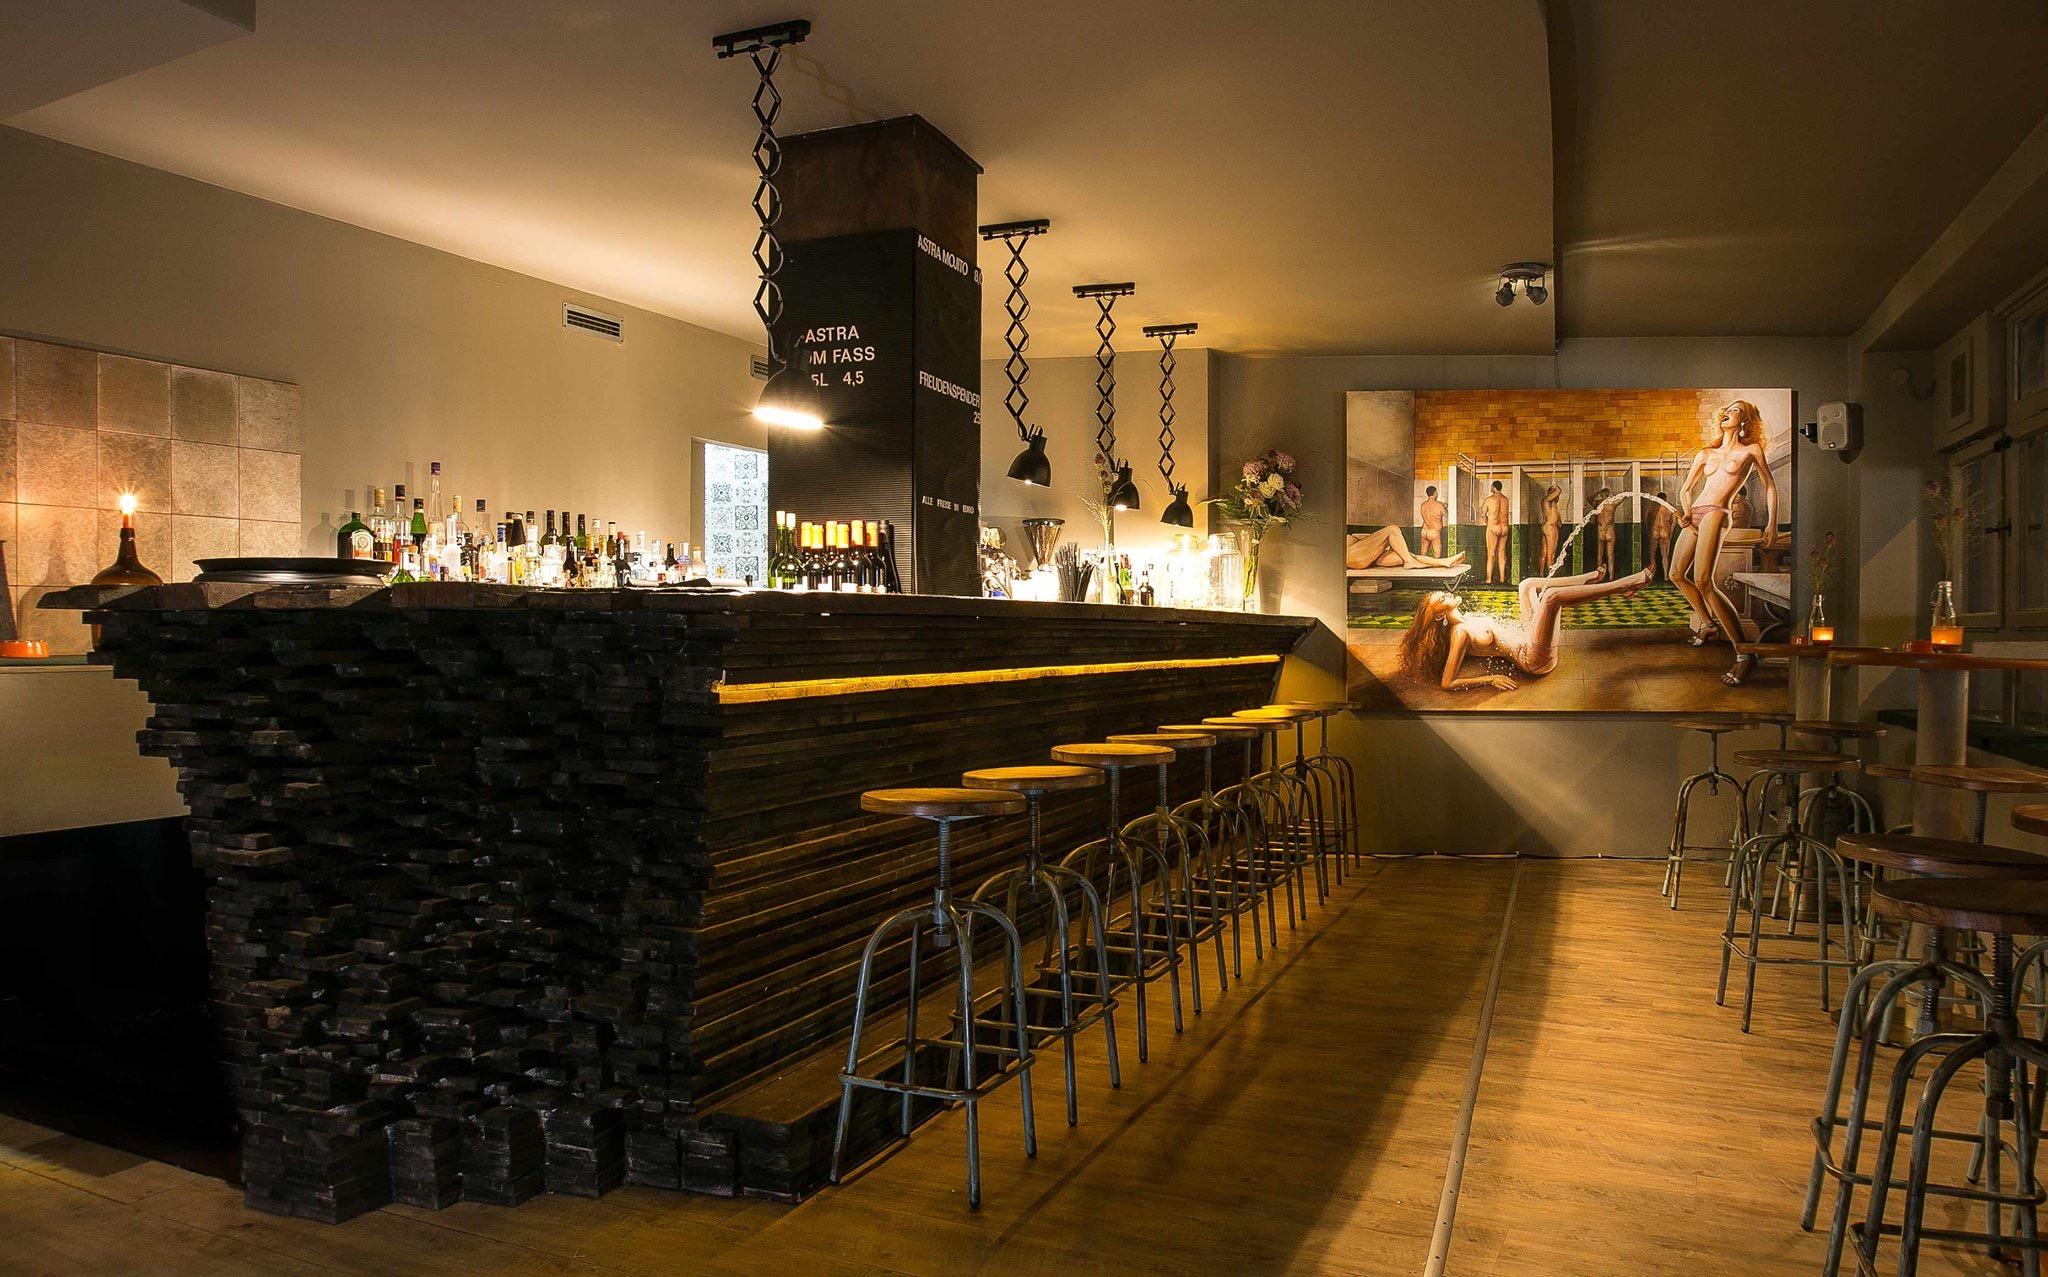 badhaus-bar.de – eine Bar